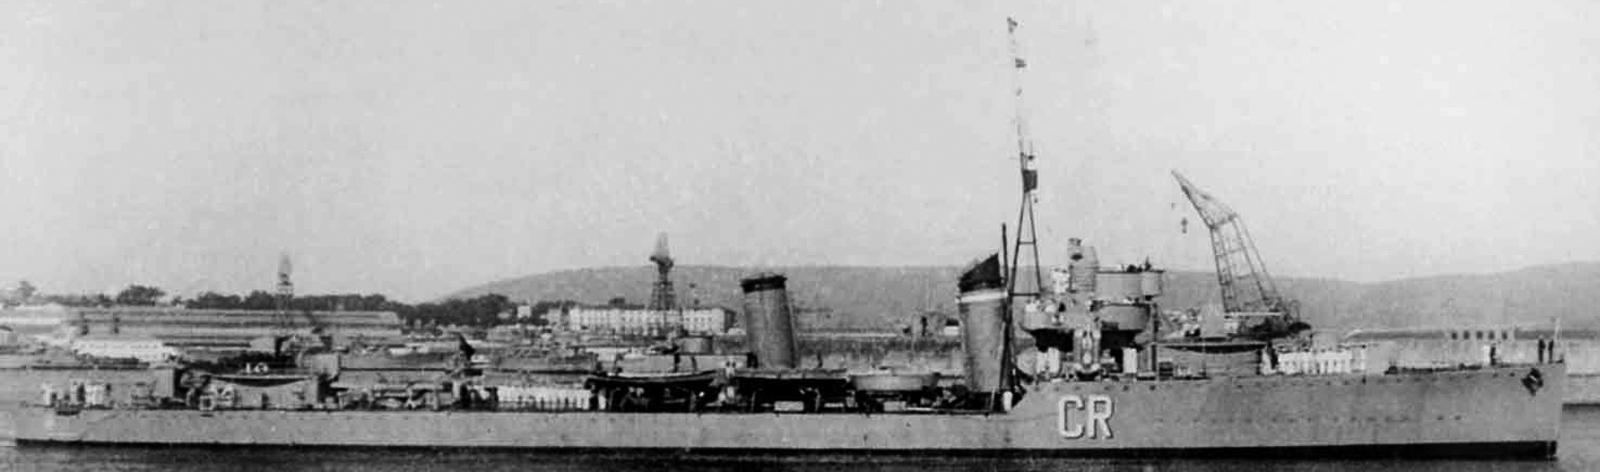 WW2 Spanish Destroyers